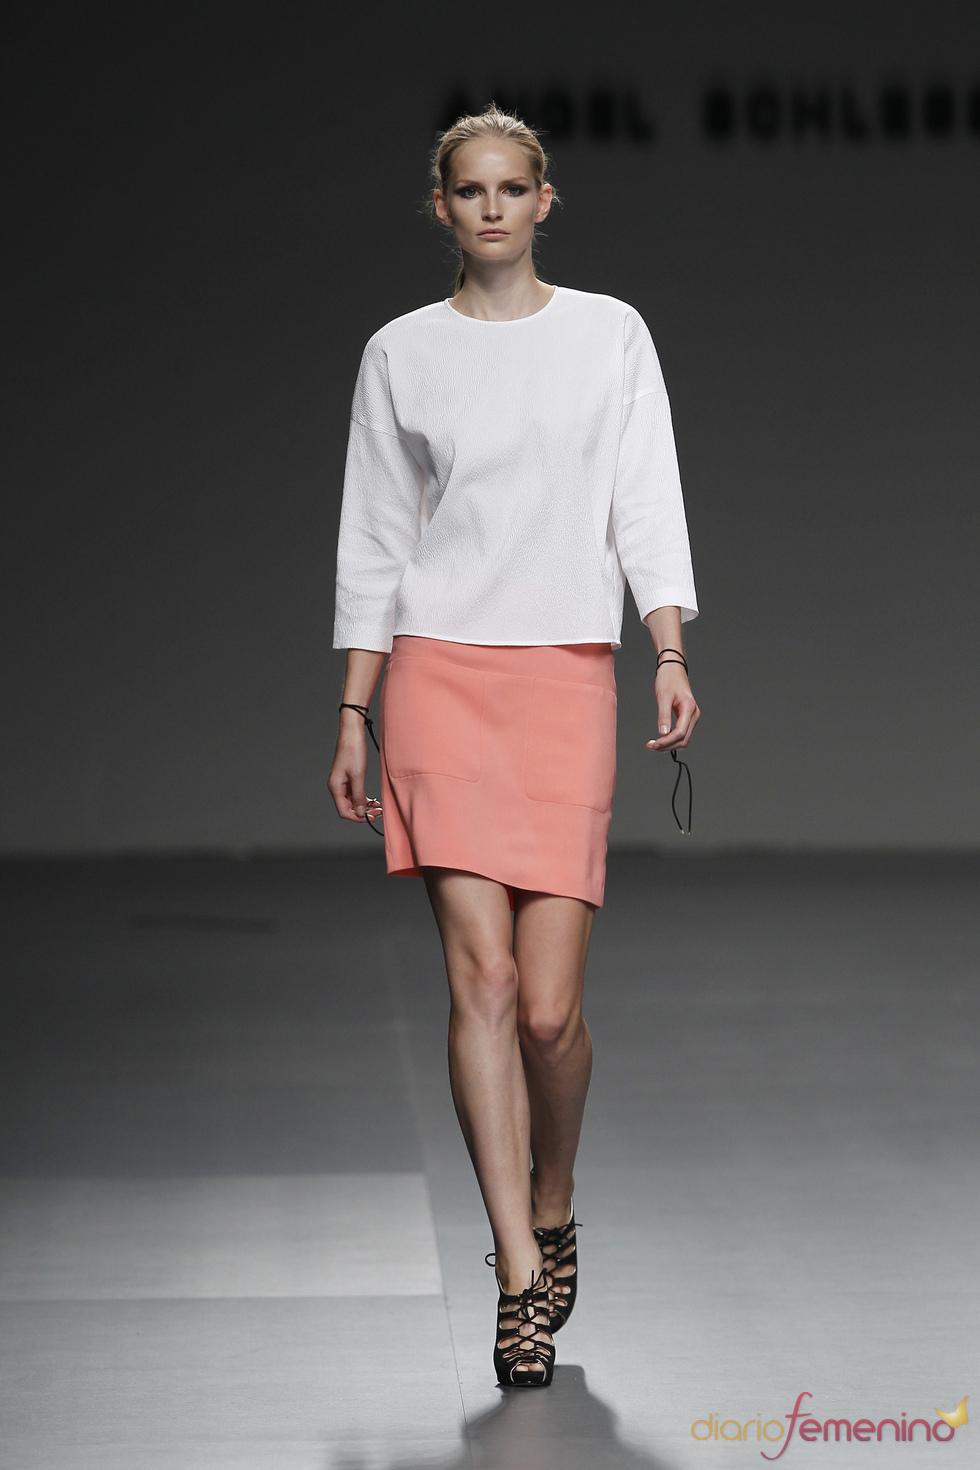 Una austeridad muy femenina en la colección primavera-verano-2011 de Ángel Schlesser